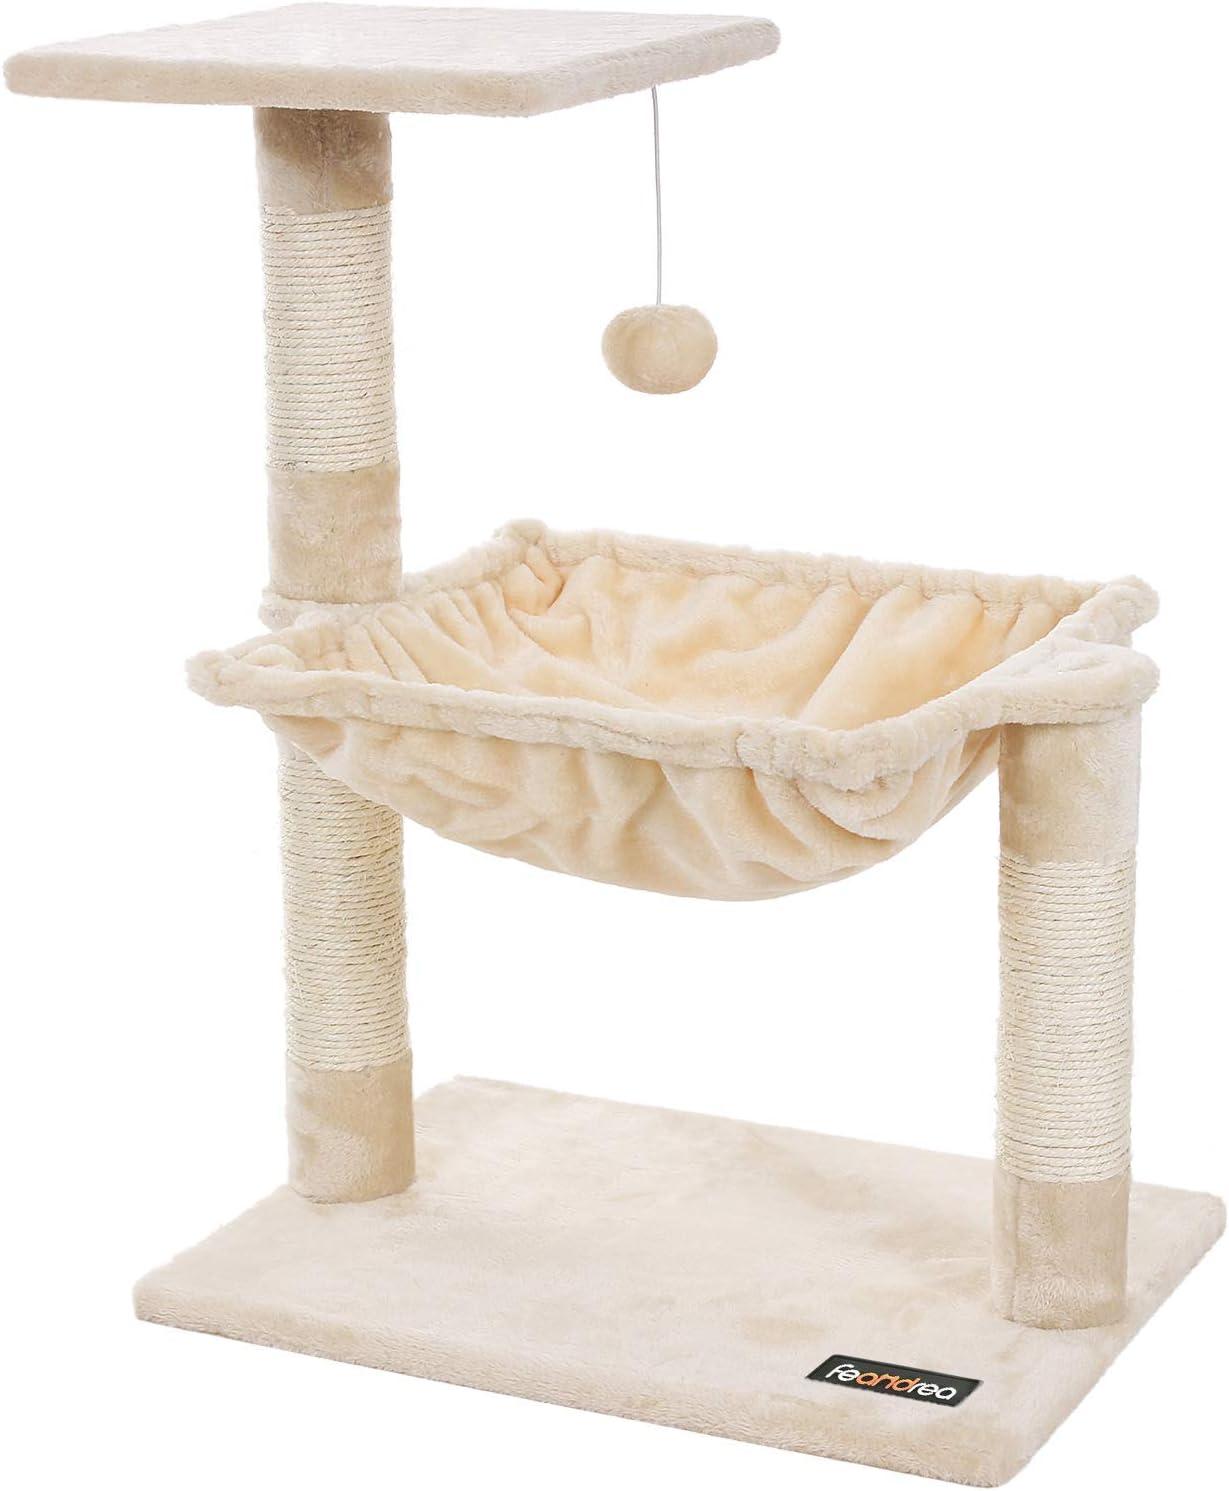 SONGMICS Compacto Árbol para Gatos Rascador con Nido Cuadrado Bola de Juego 70 cm Color Beige PCT82M